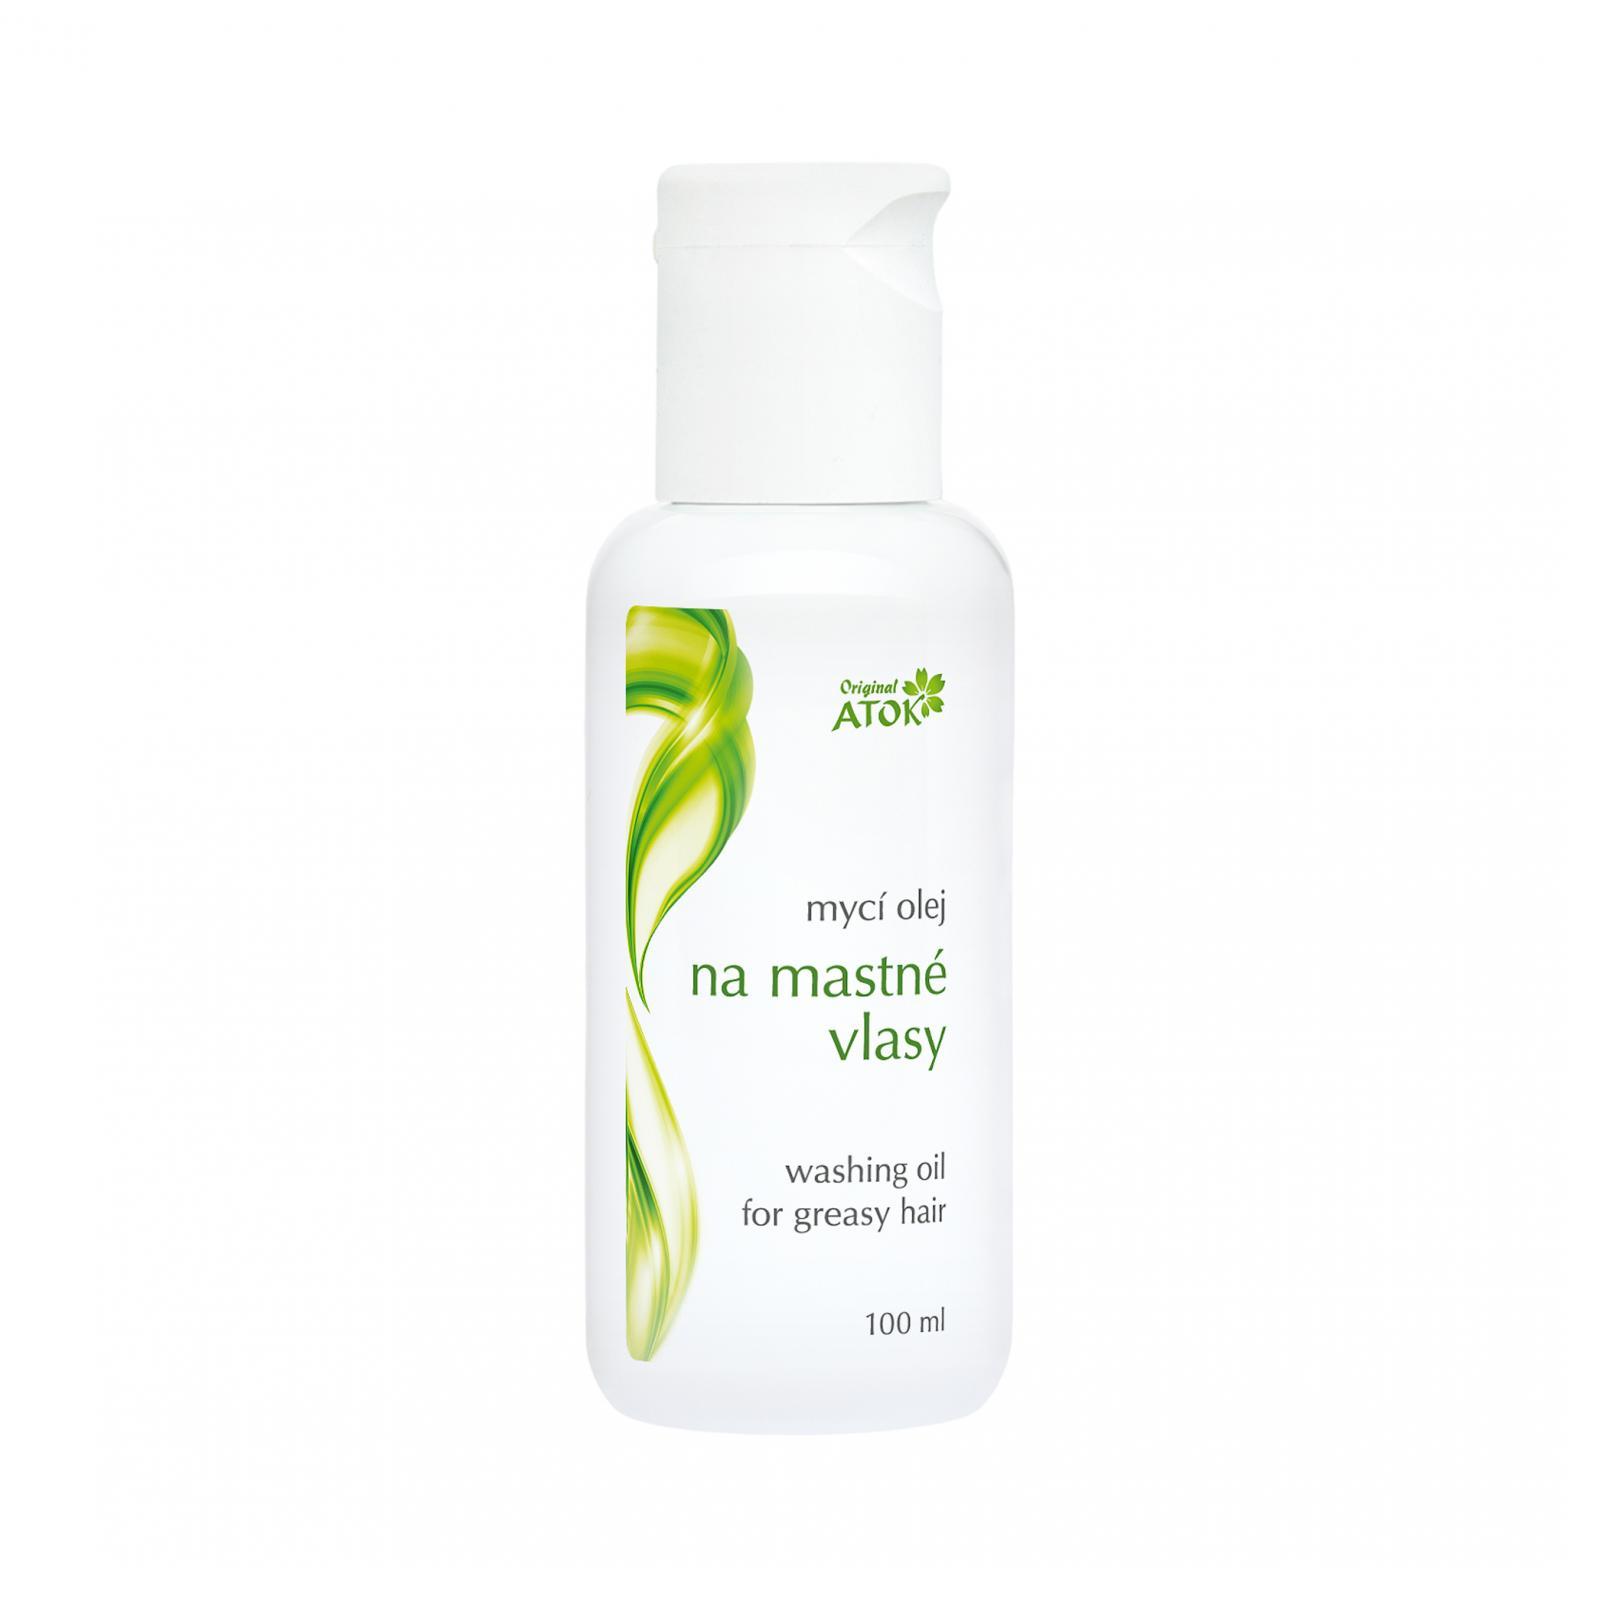 Original ATOK Mycí olej na mastné vlasy 200 ml